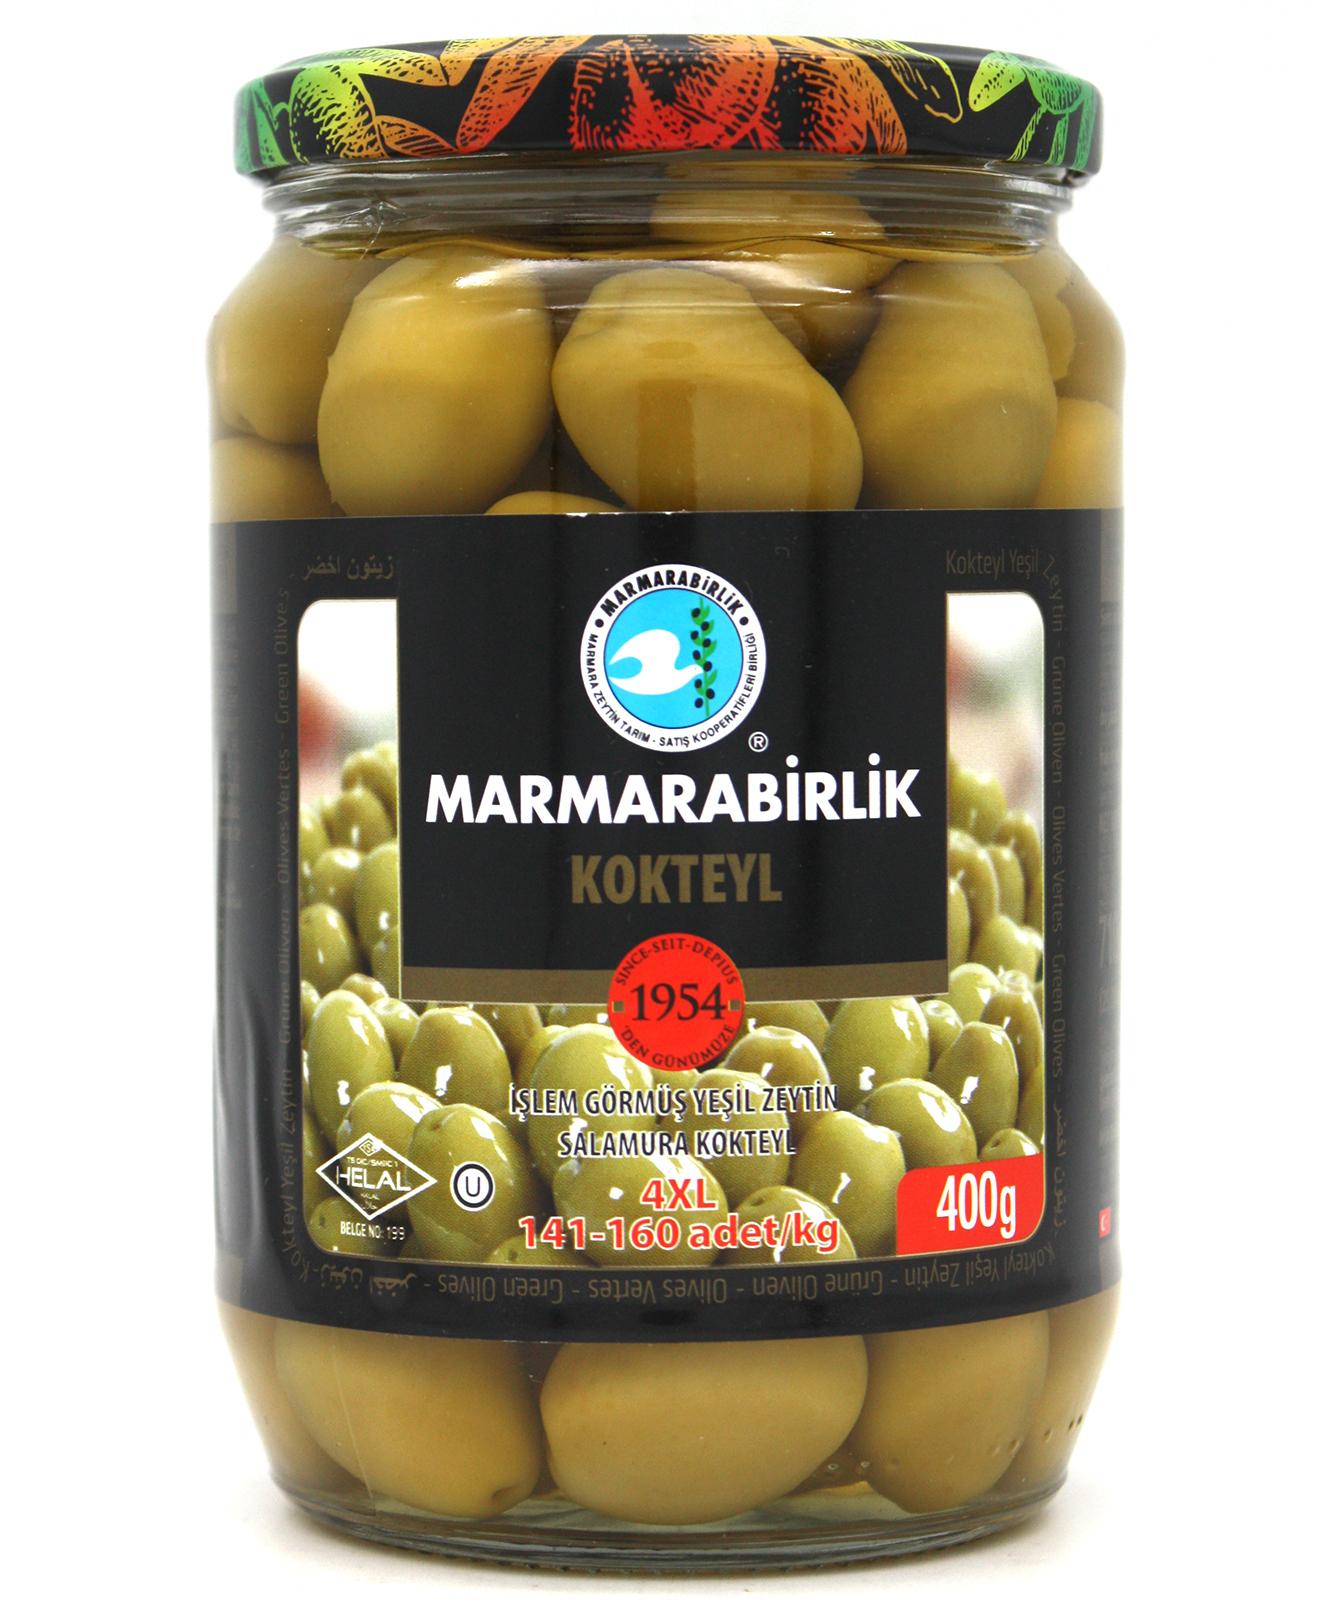 Marmarabirlik Оливки зеленые 4XL, Marmarabirlik, 400 г import_files_6c_6c5de6f9f4d111e9a9ba484d7ecee297_c102ea3df97d11e9a9ba484d7ecee297.jpg